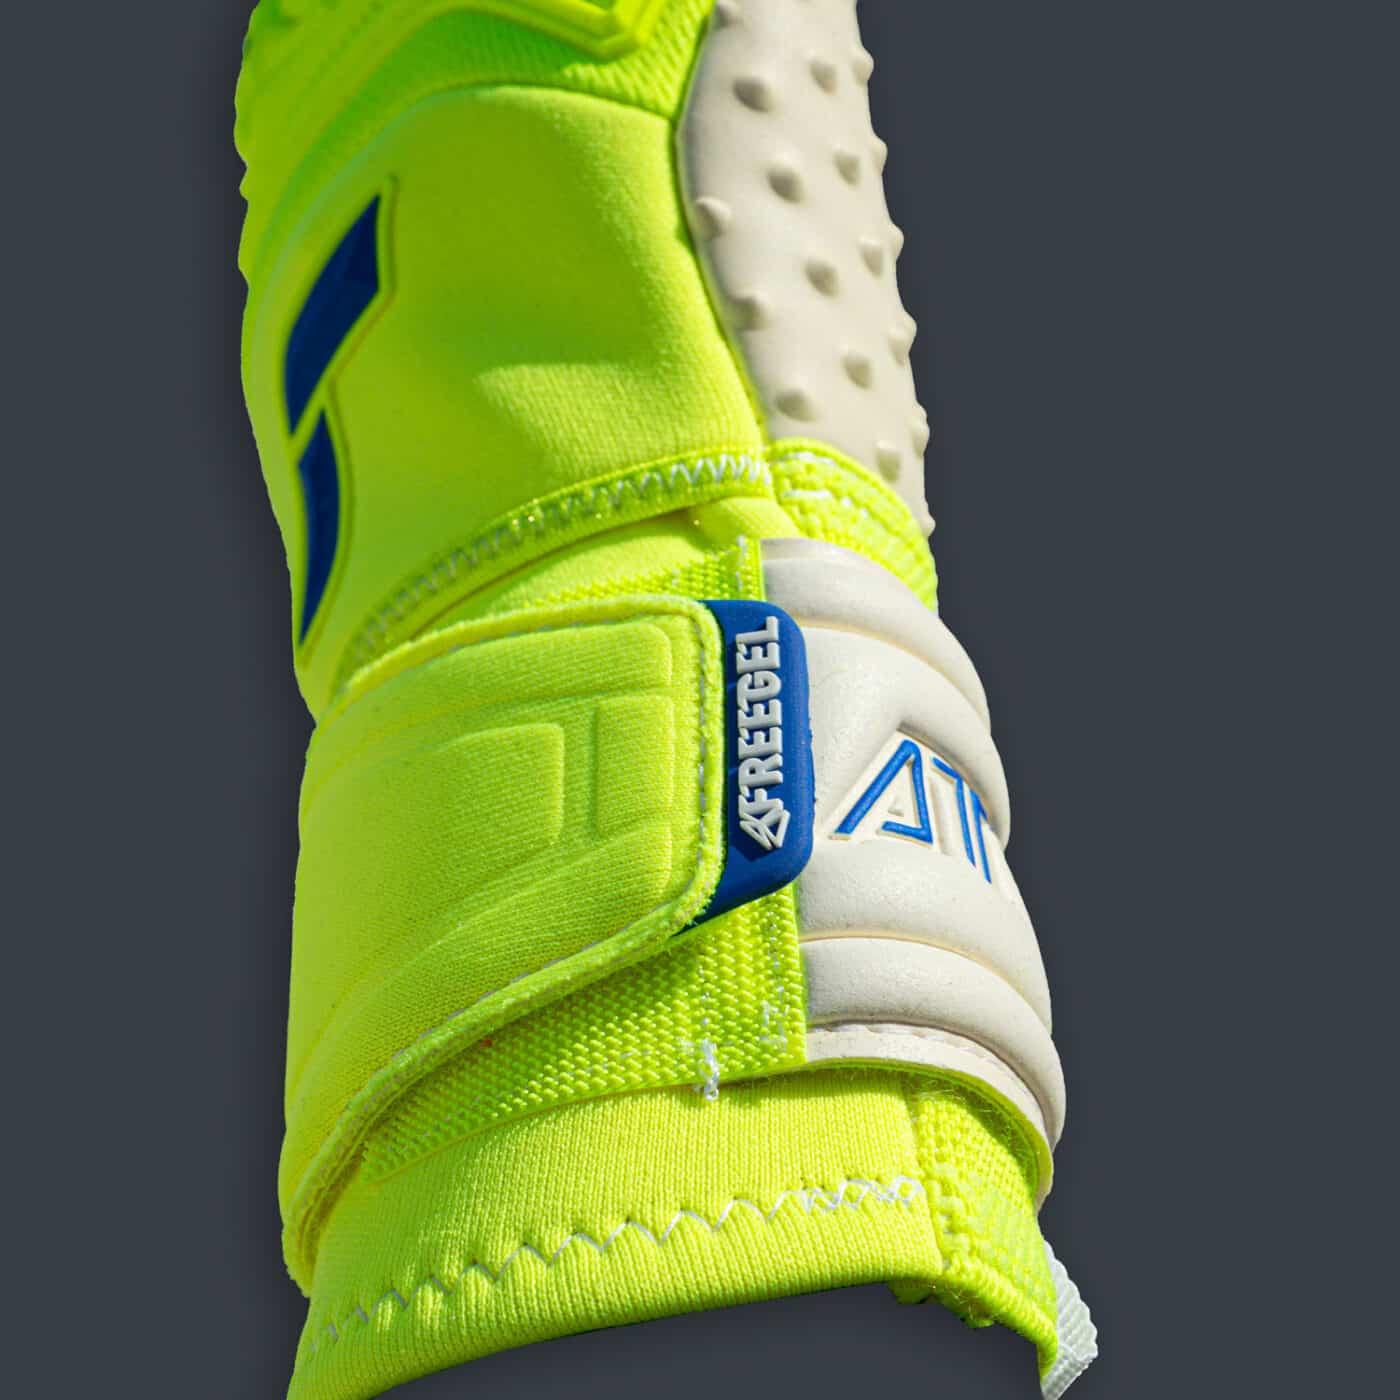 Latex Speedbump gants Reusch